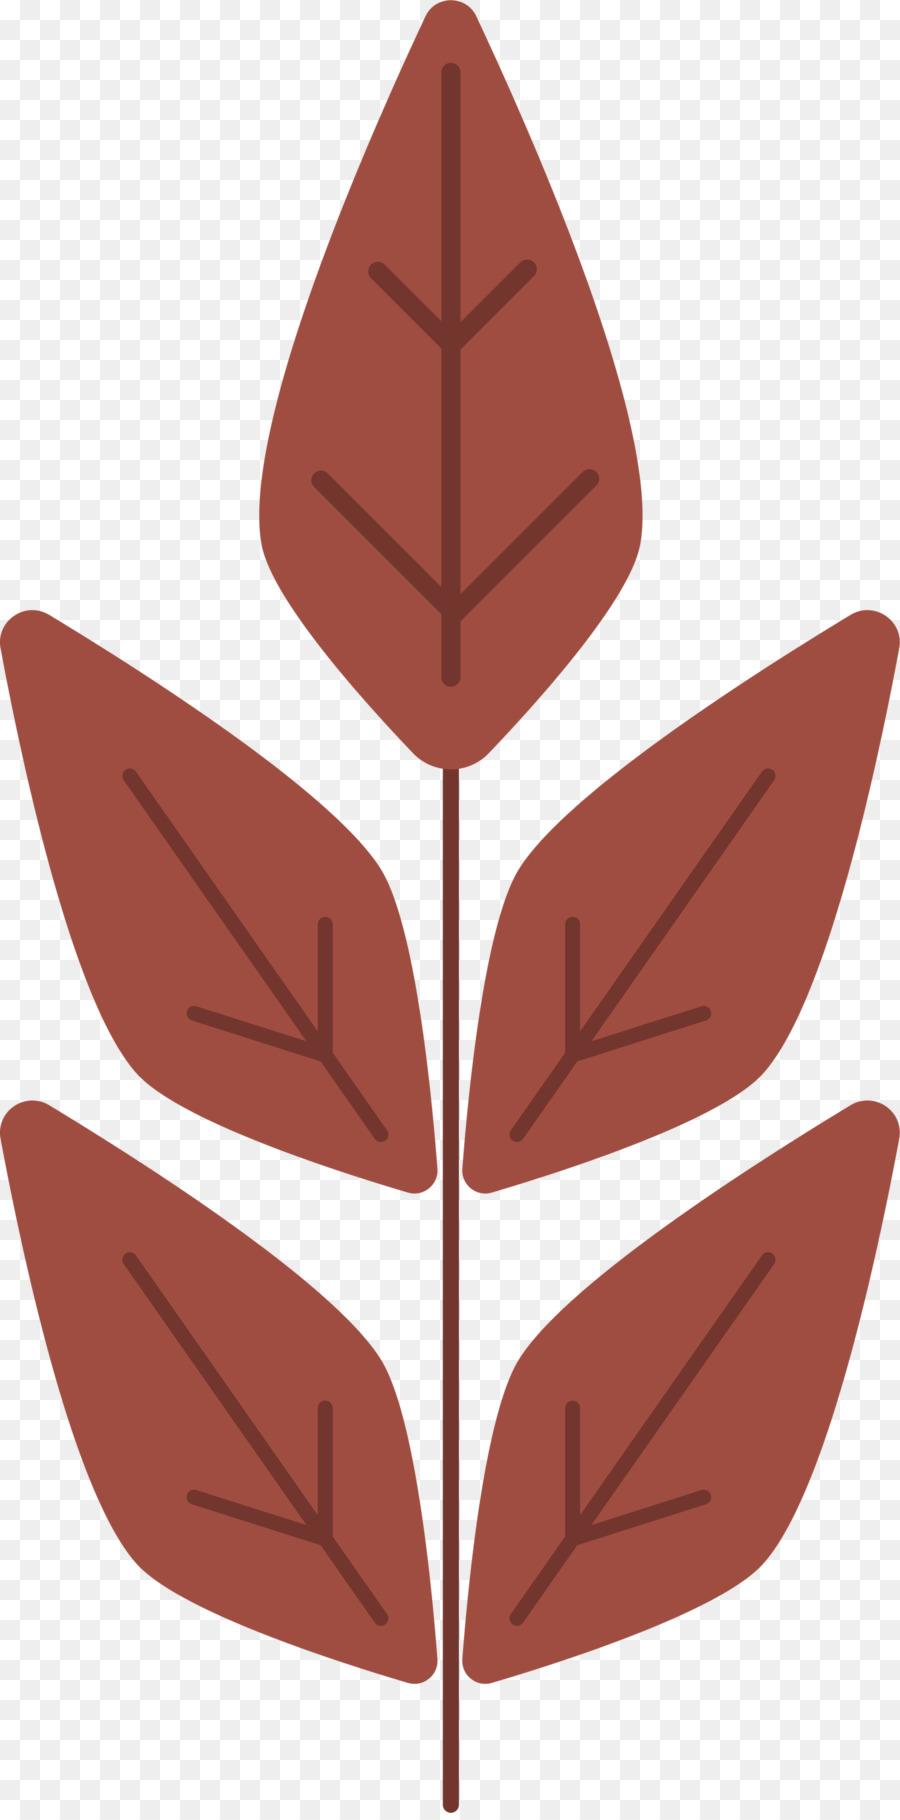 Descarga gratuita de Hoja, Flor, La Simetría imágenes PNG